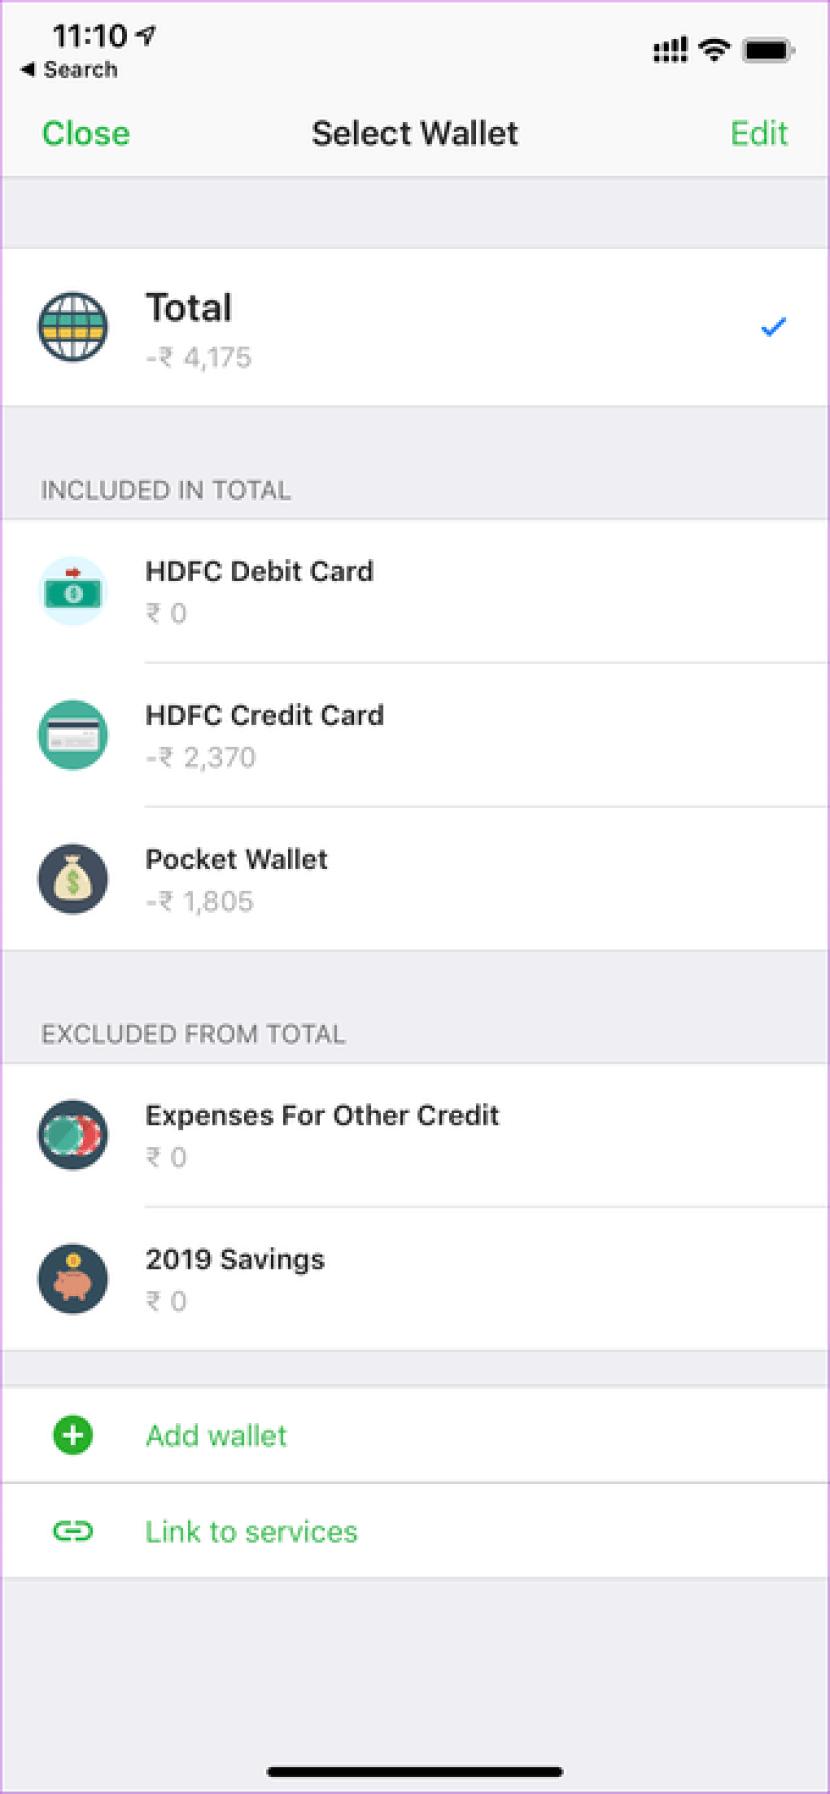 Wallet Wallets